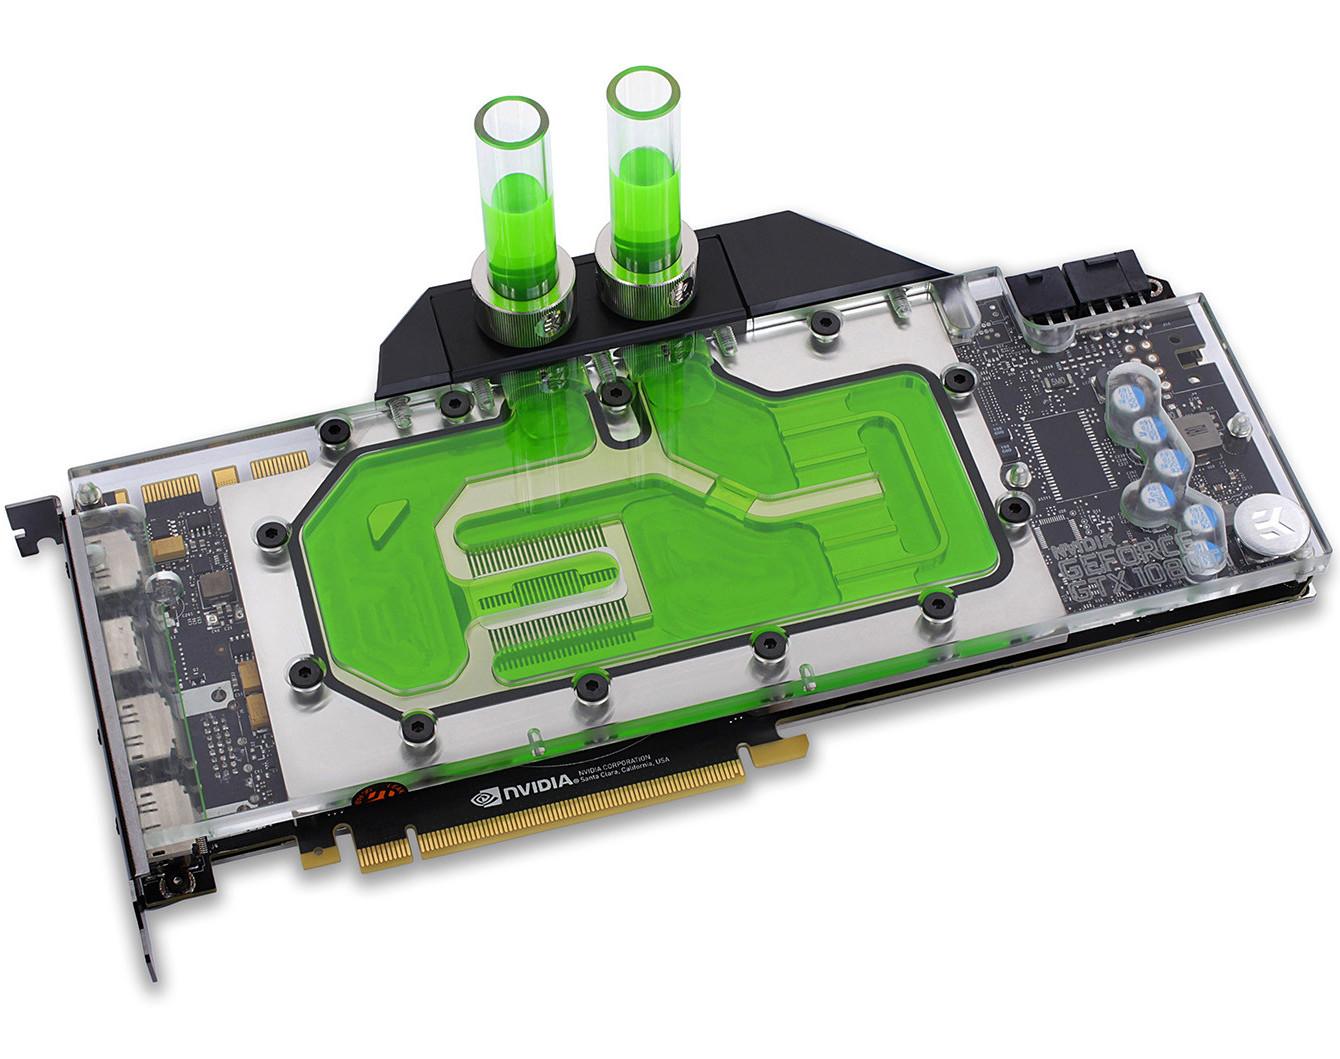 Ekwb Releases Full Cover Blocks For Geforce Gtx 1080 Ti